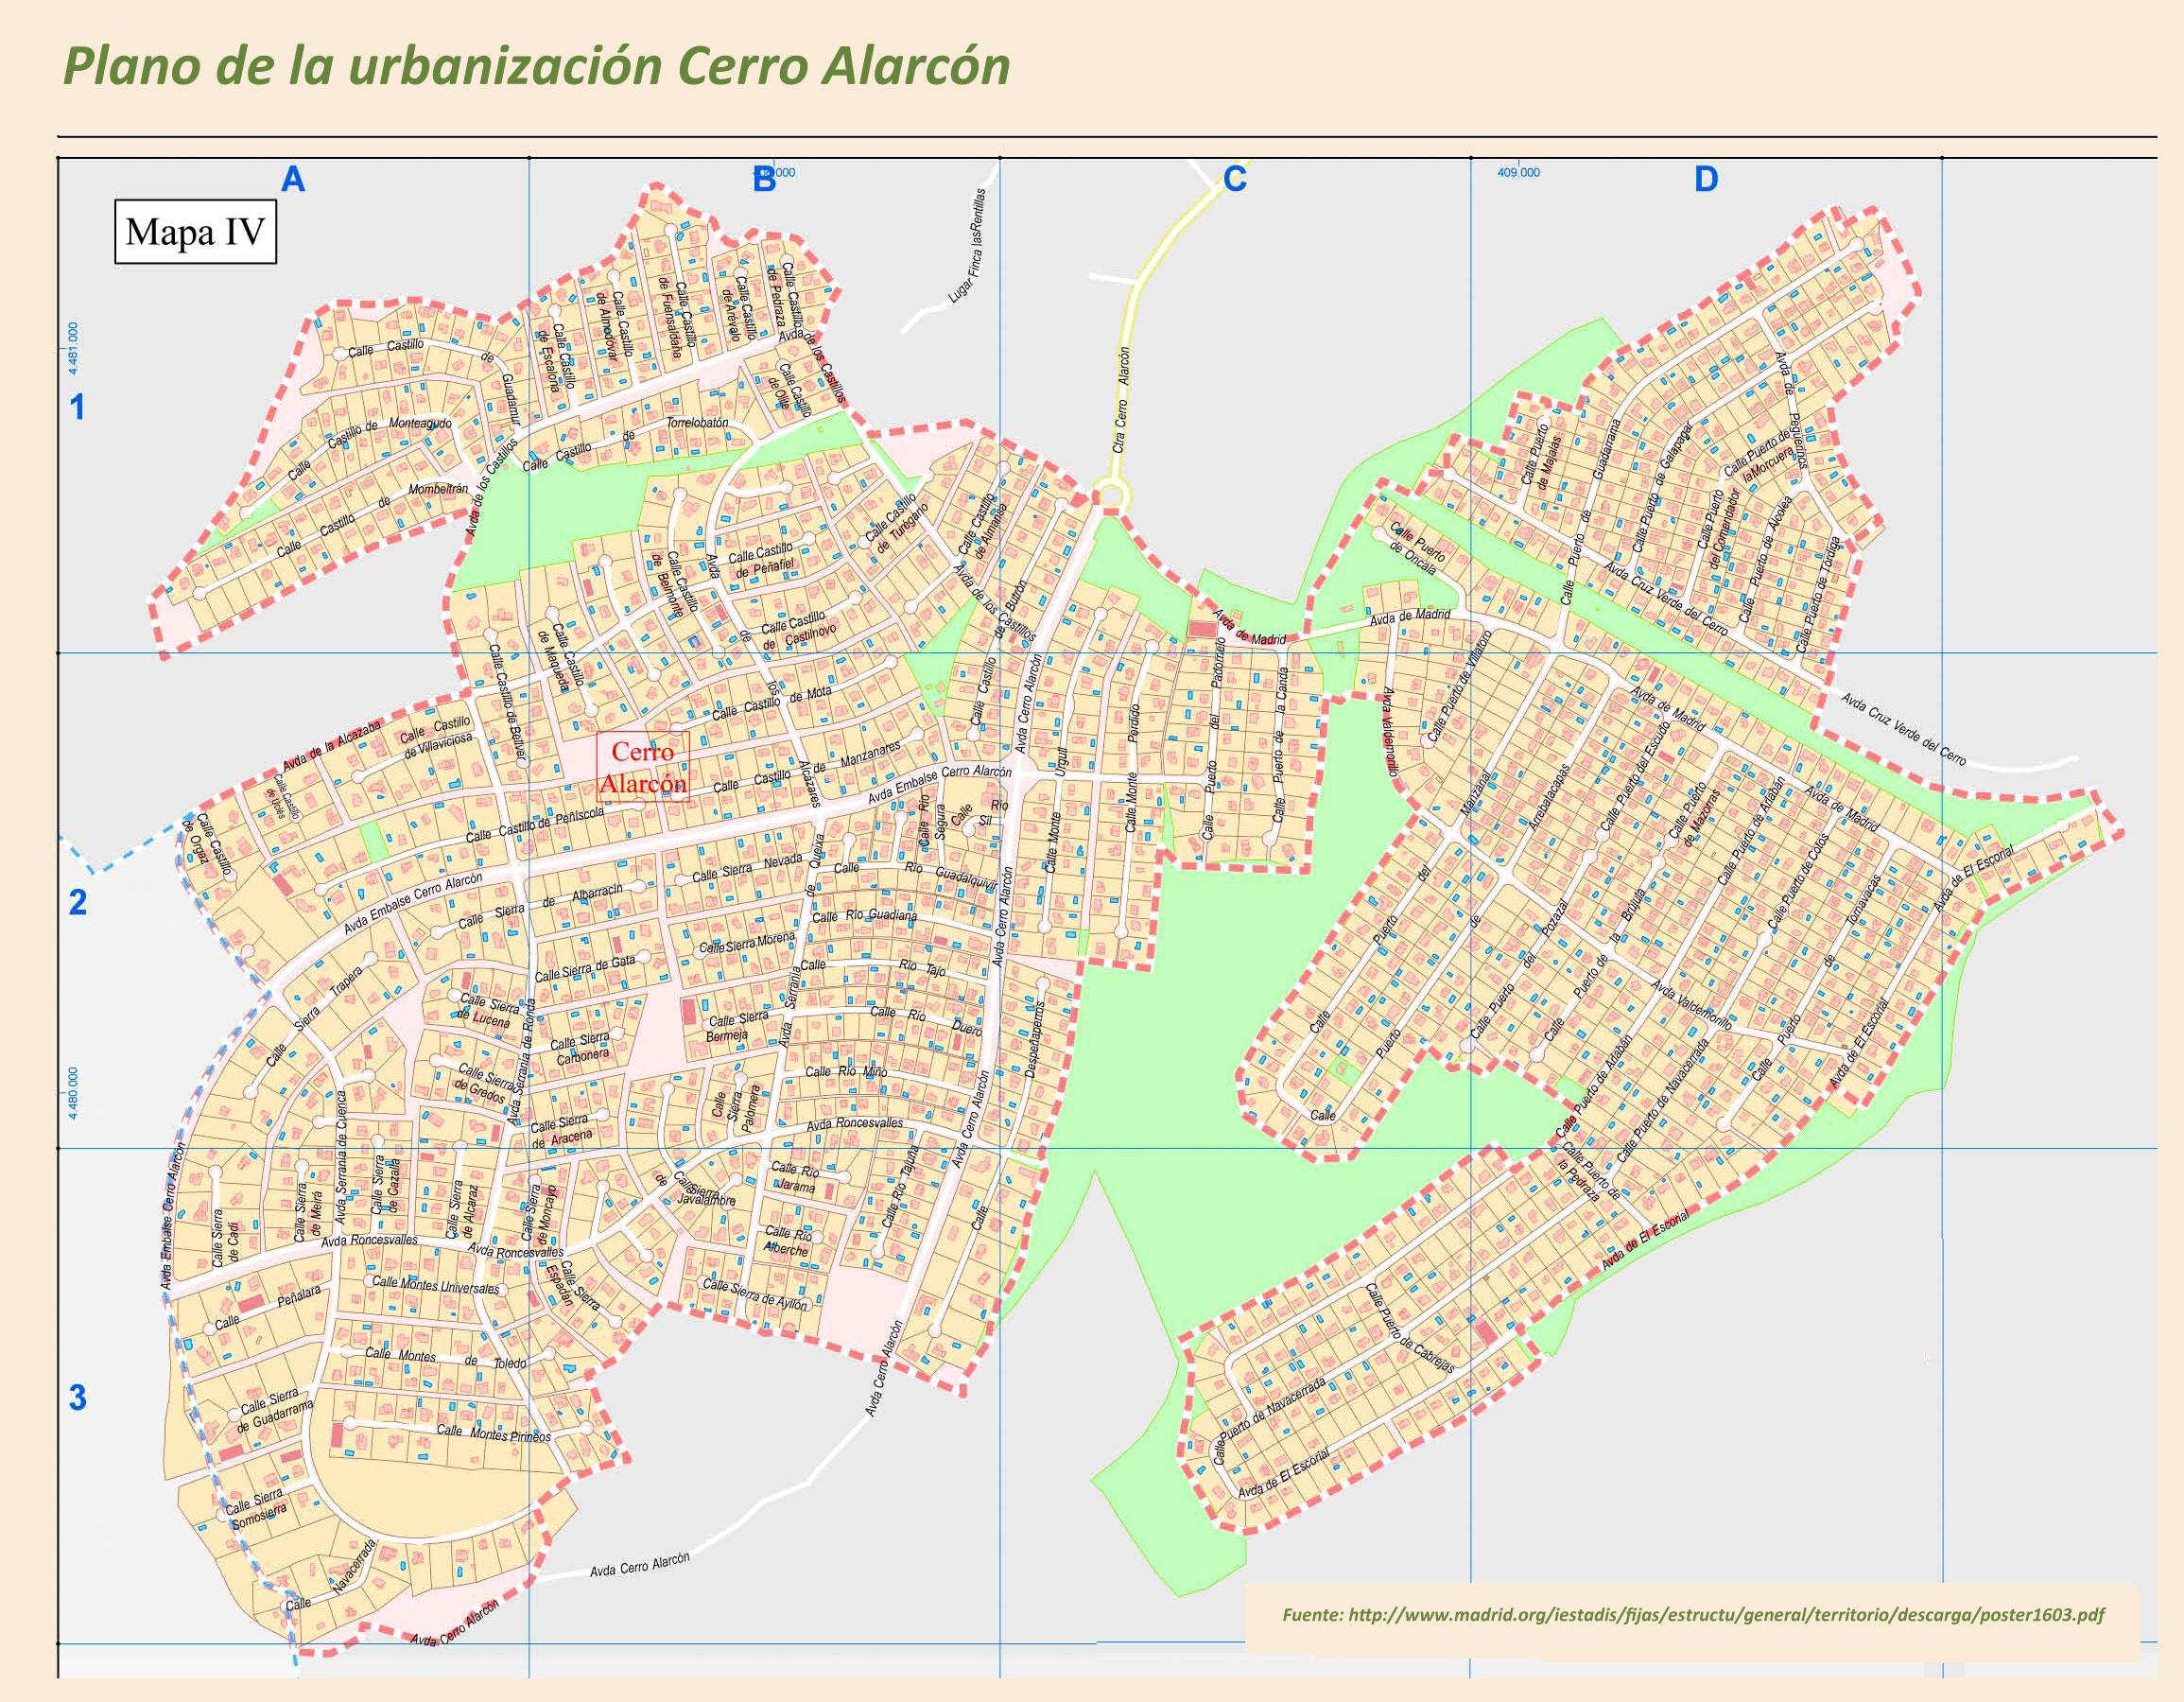 Planos de las urbanizaciones Cerro Alarcón I y II